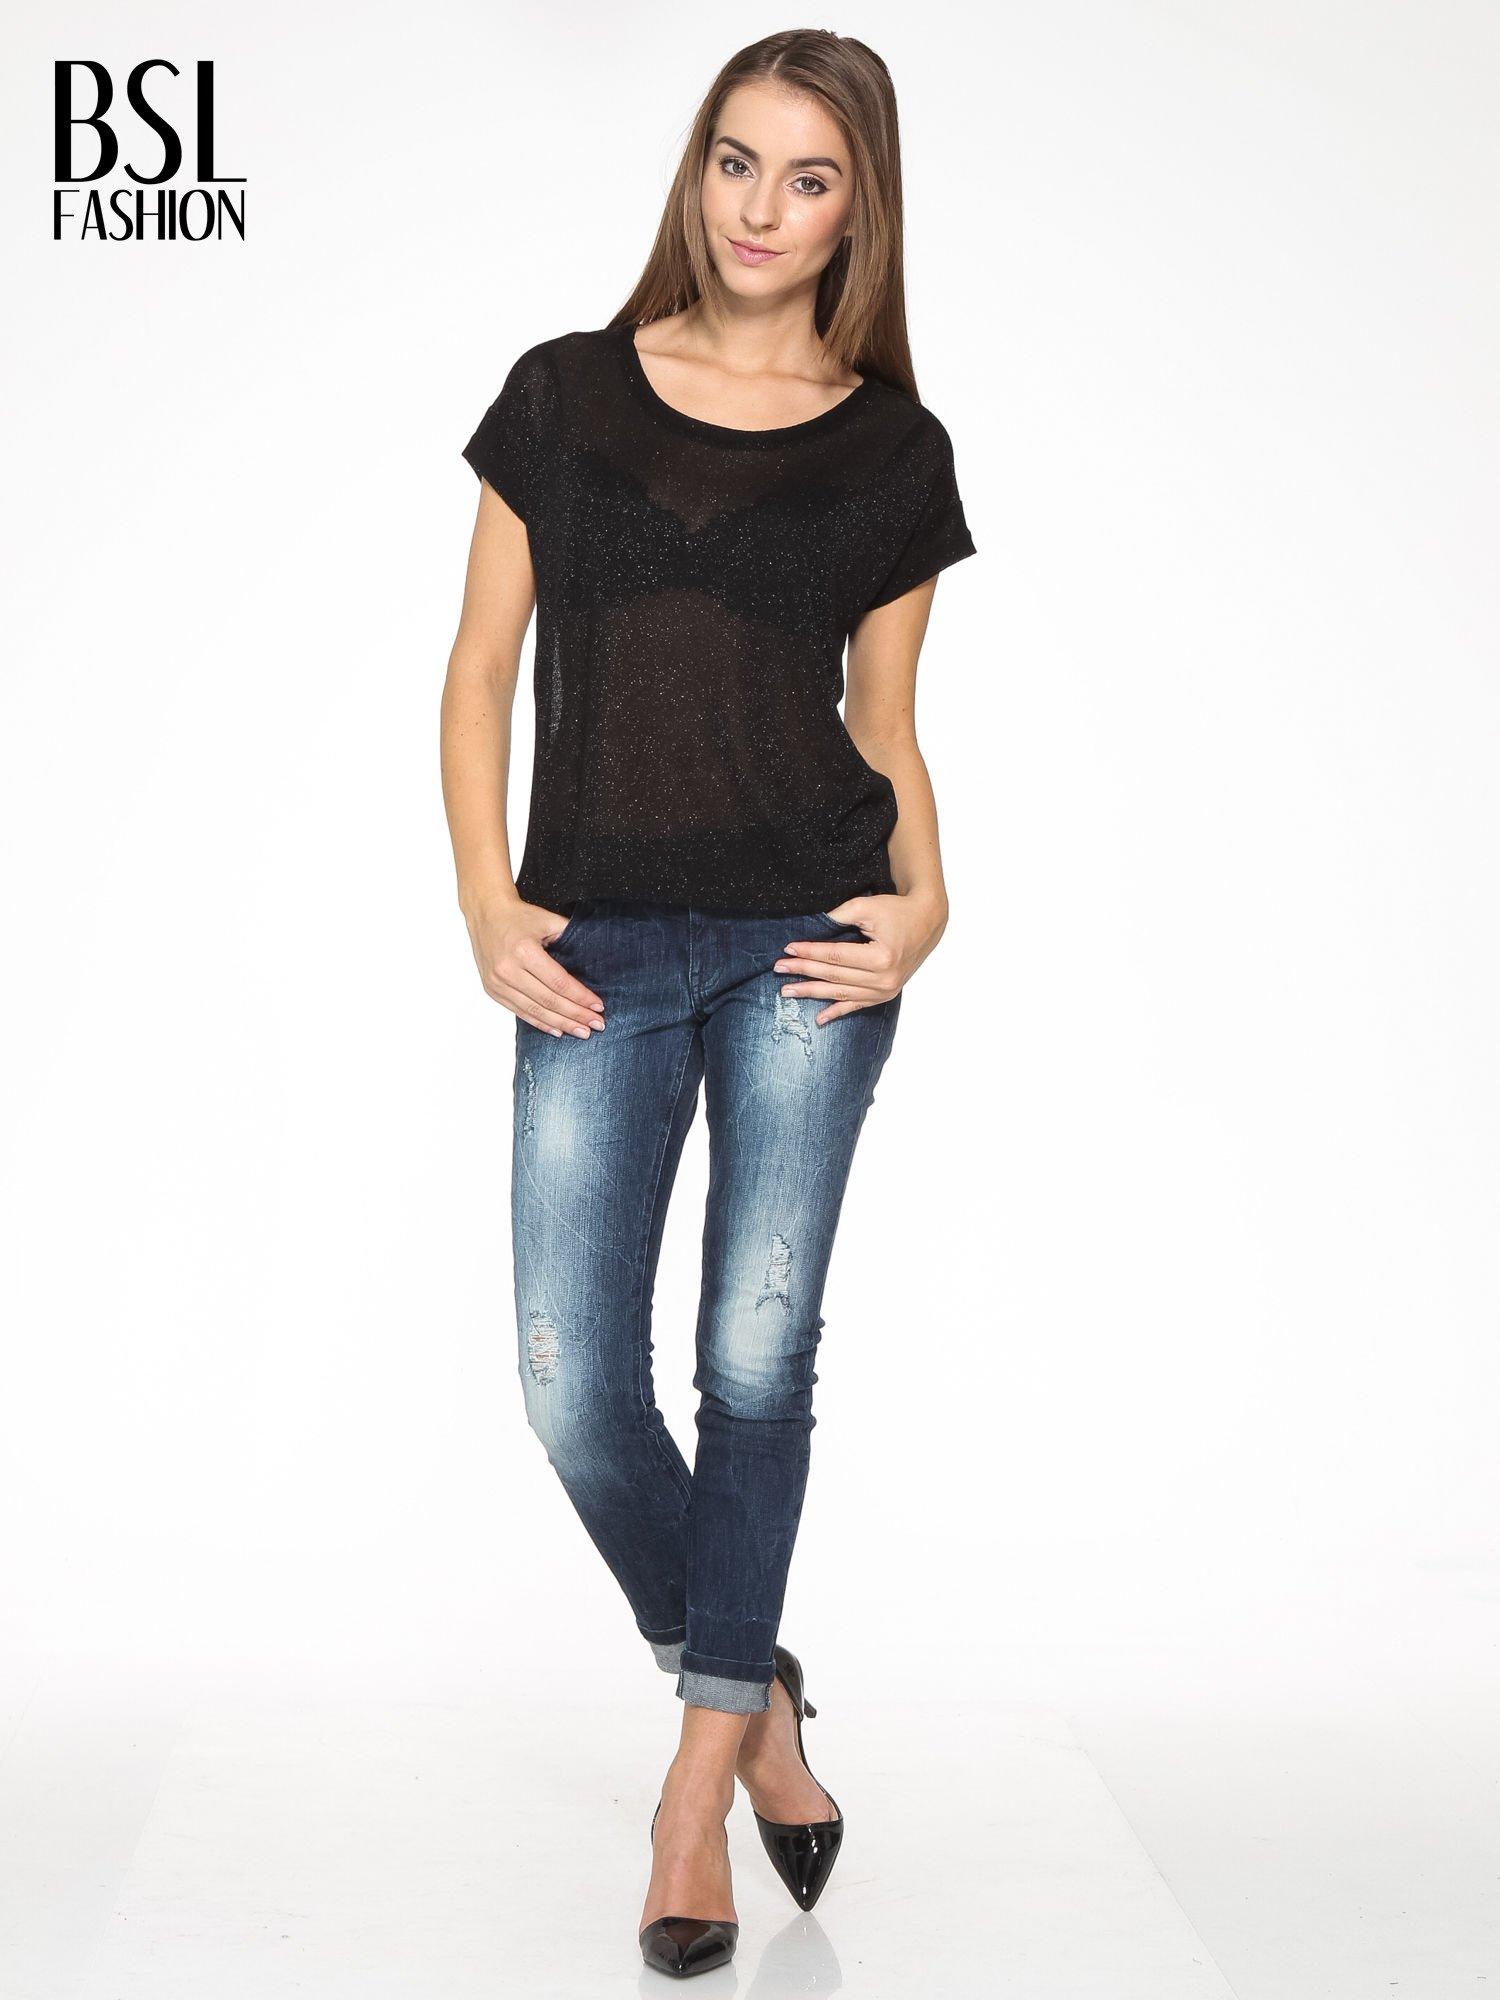 Czarny transparentny t-shirt przeplatany srebrną nicią                                  zdj.                                  5